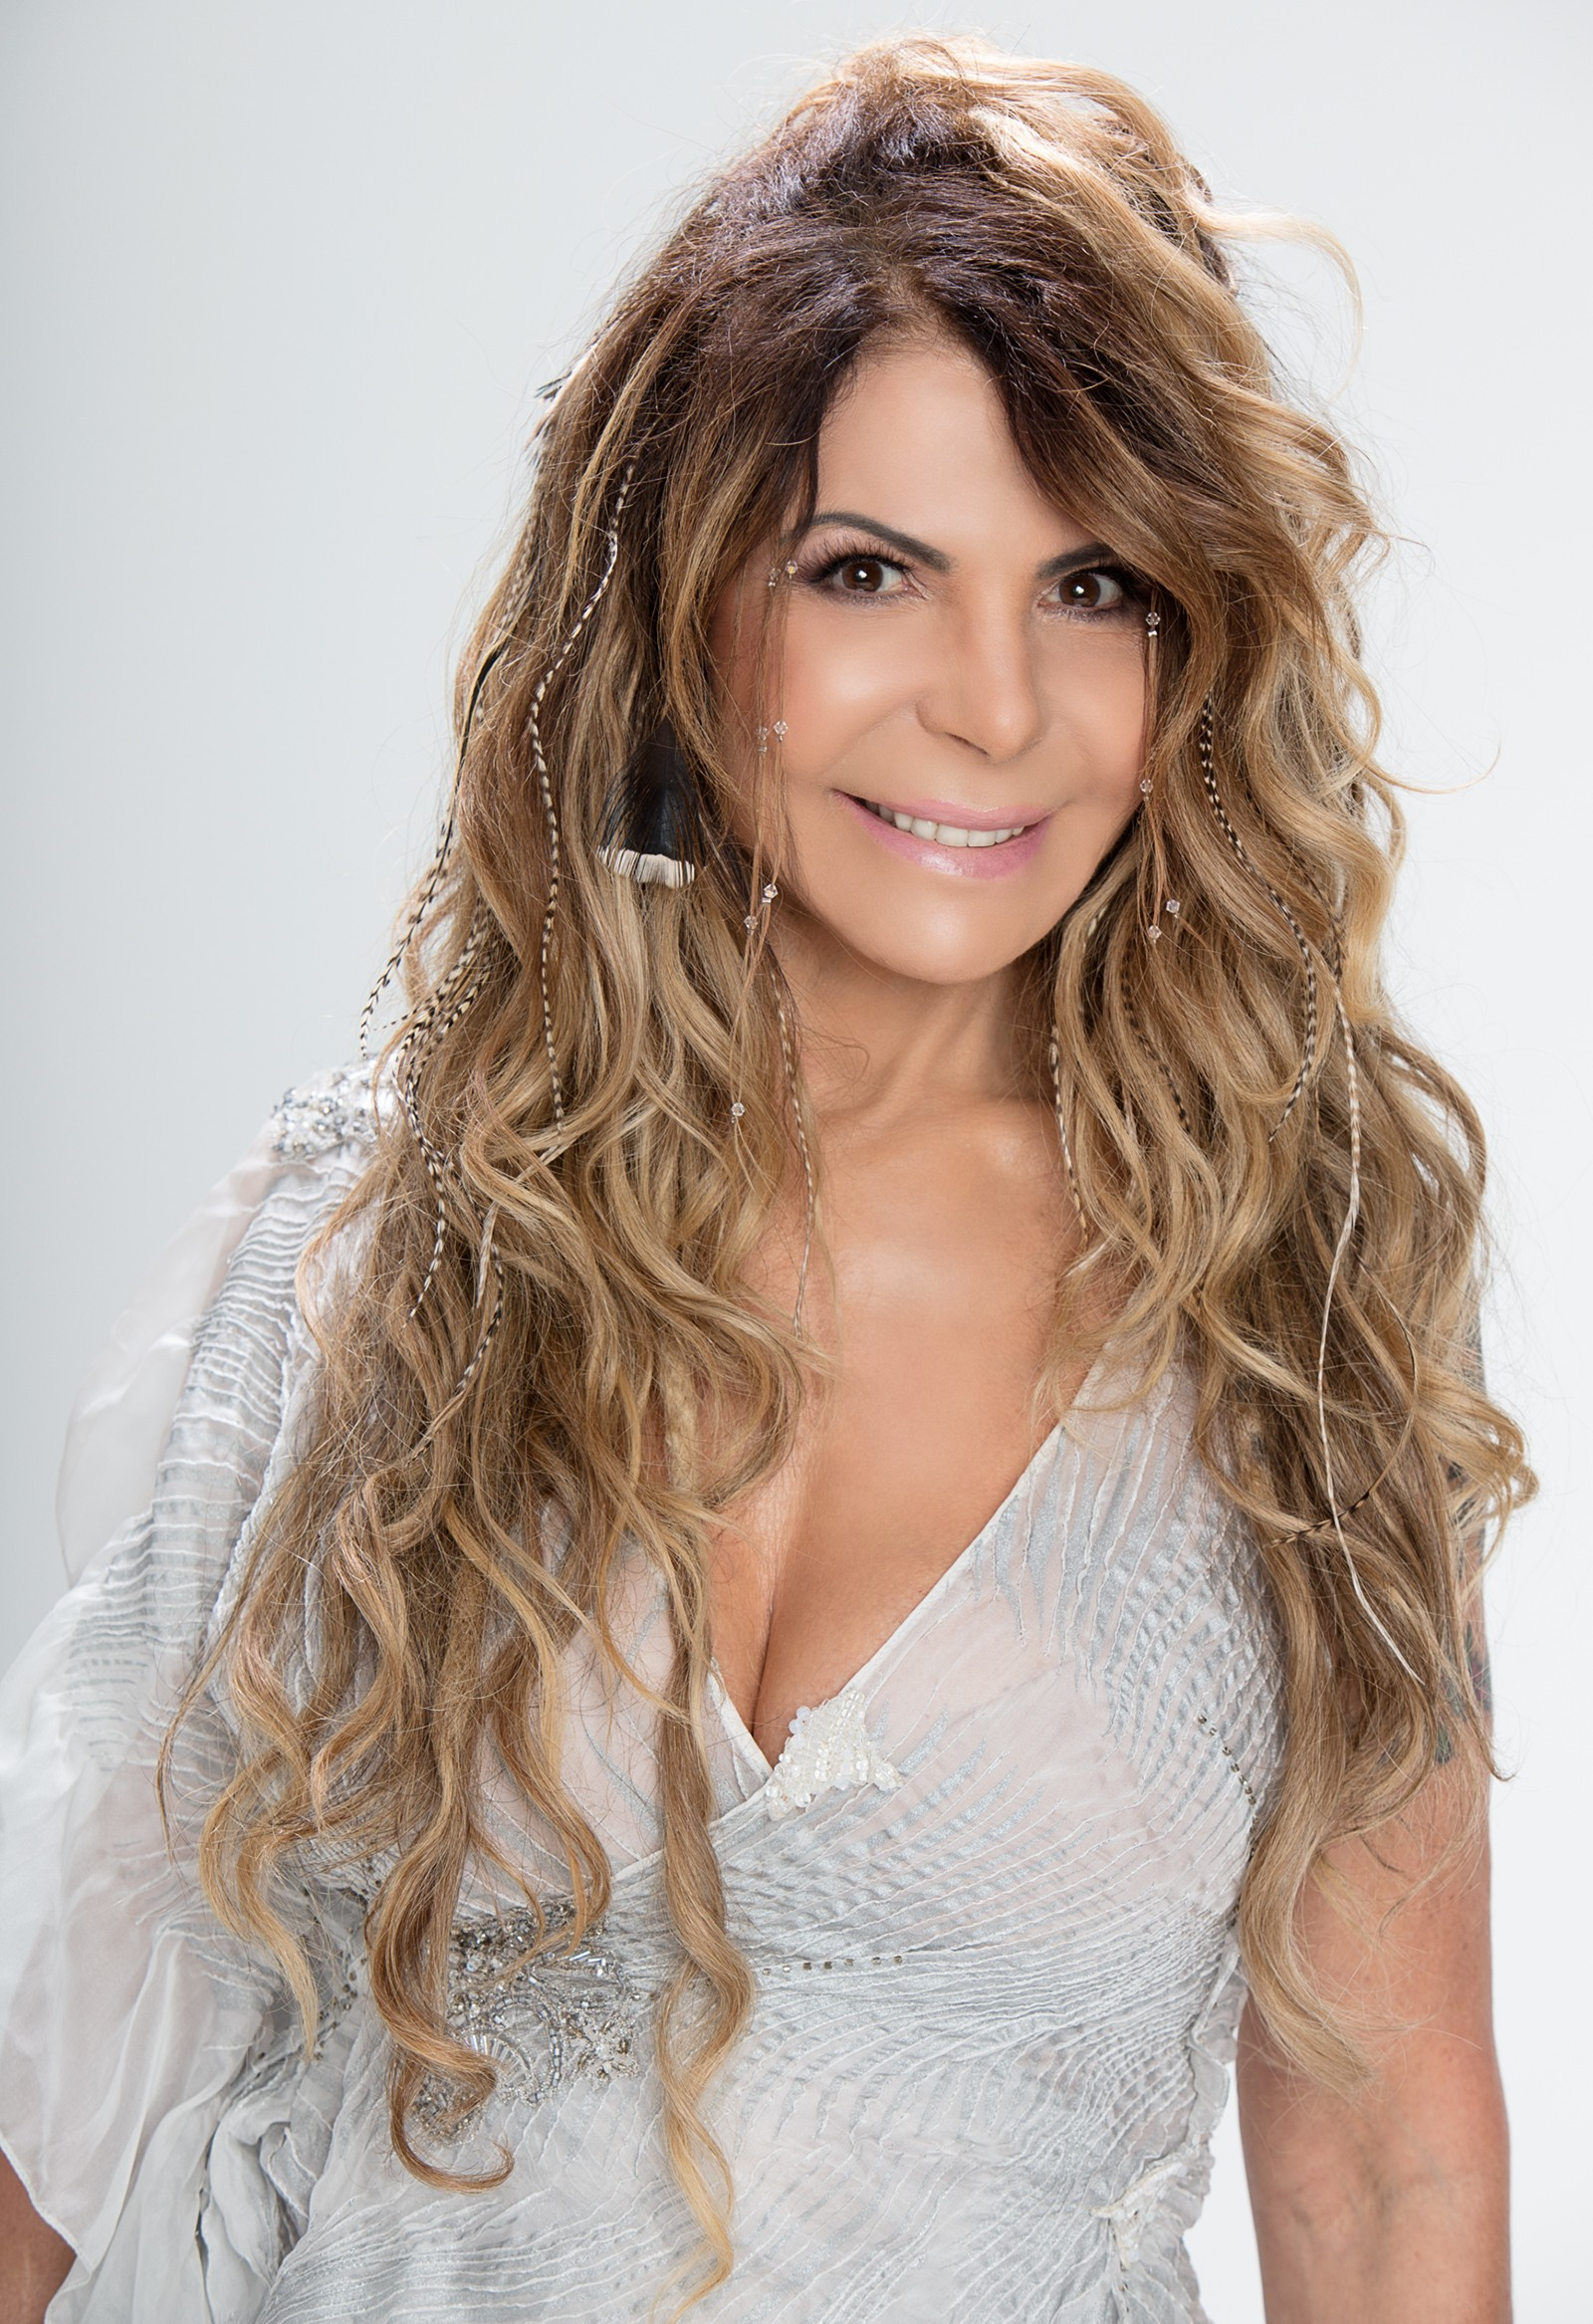 Elba Ramalho canta Belchior em álbum batizado com nome de música inédita de Lula Queiroga e Yuri Queiroga 2